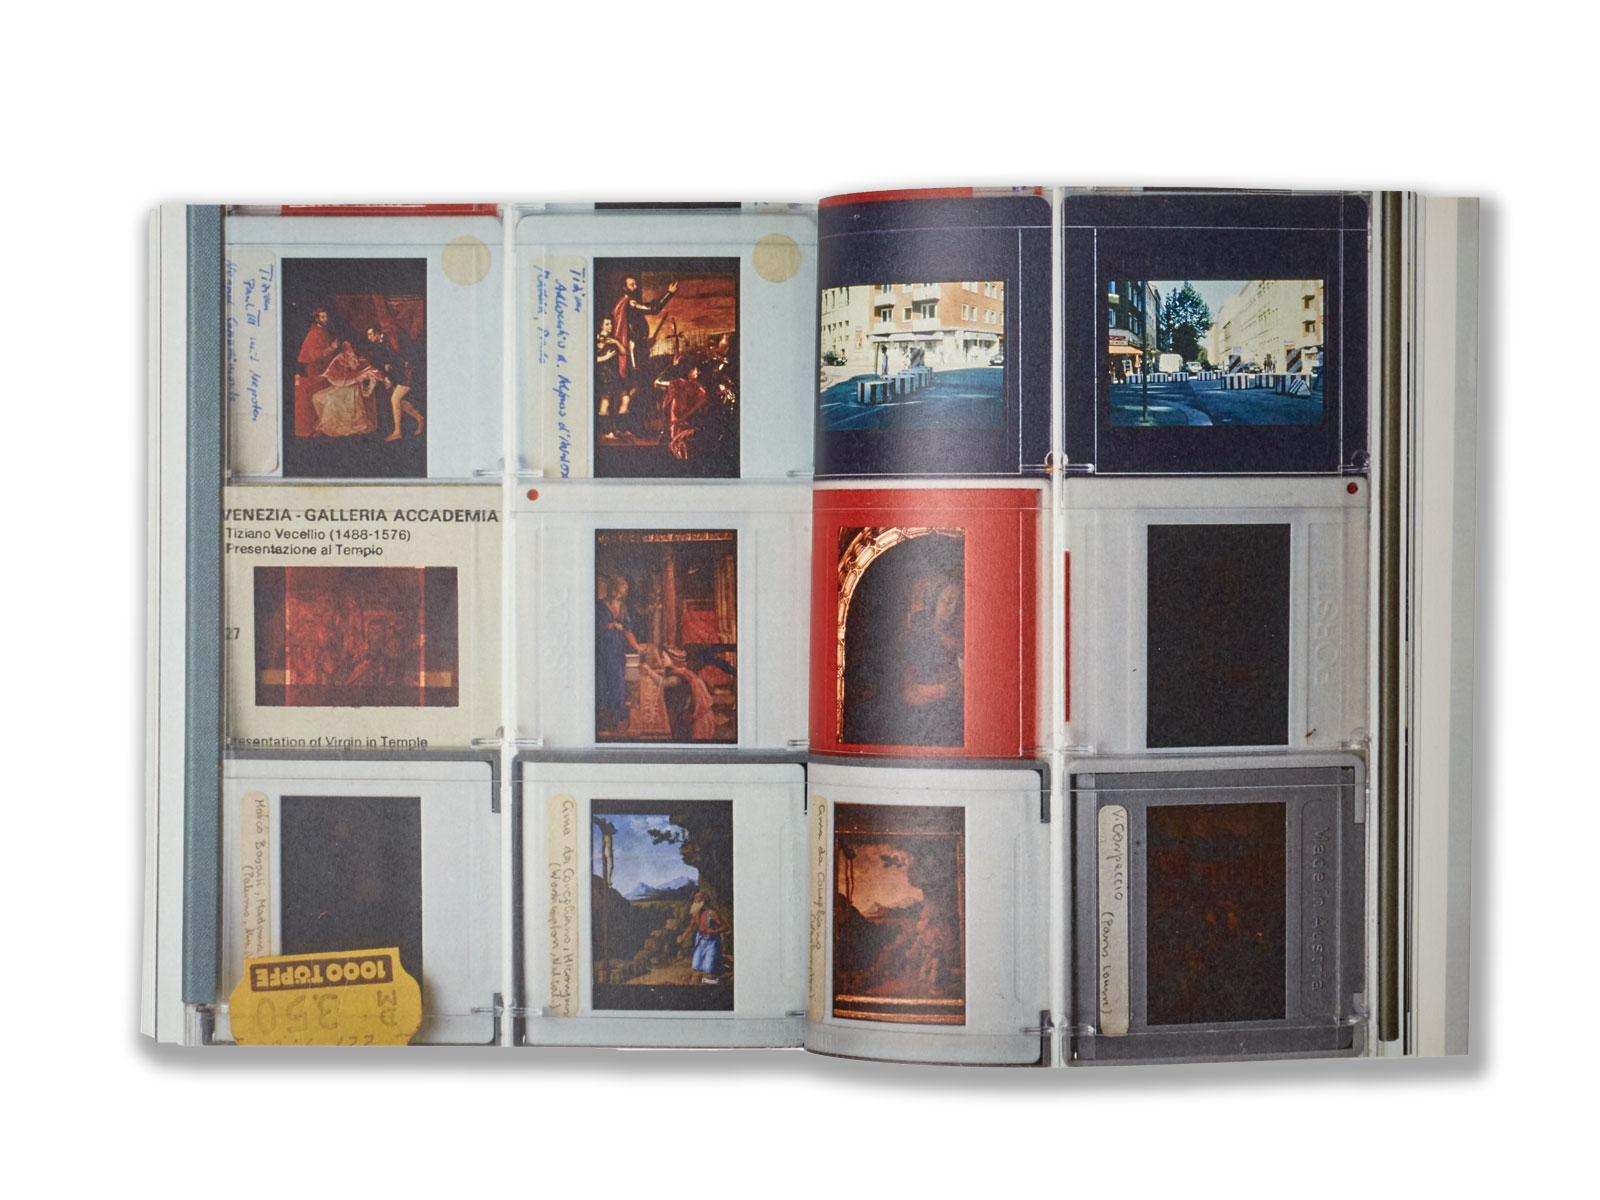 Martin-Zellerhoff-Archiv-Krautin-Verlag8